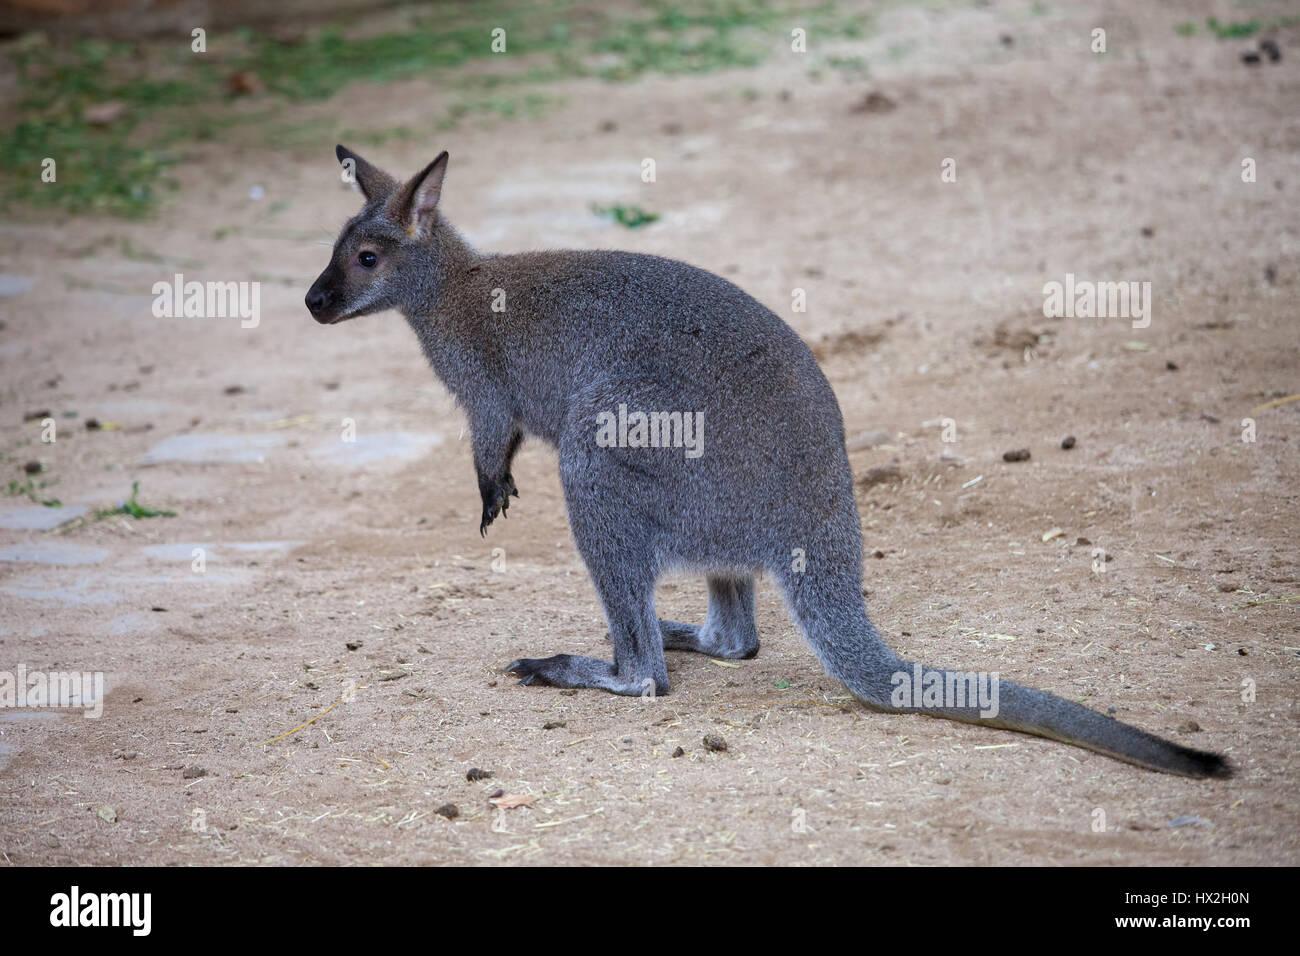 Rosso-un wallaby dal collo (Macropus rufogriseus, Bennett's wallaby) in lo Zoo di Barcellona, Spagna Immagini Stock